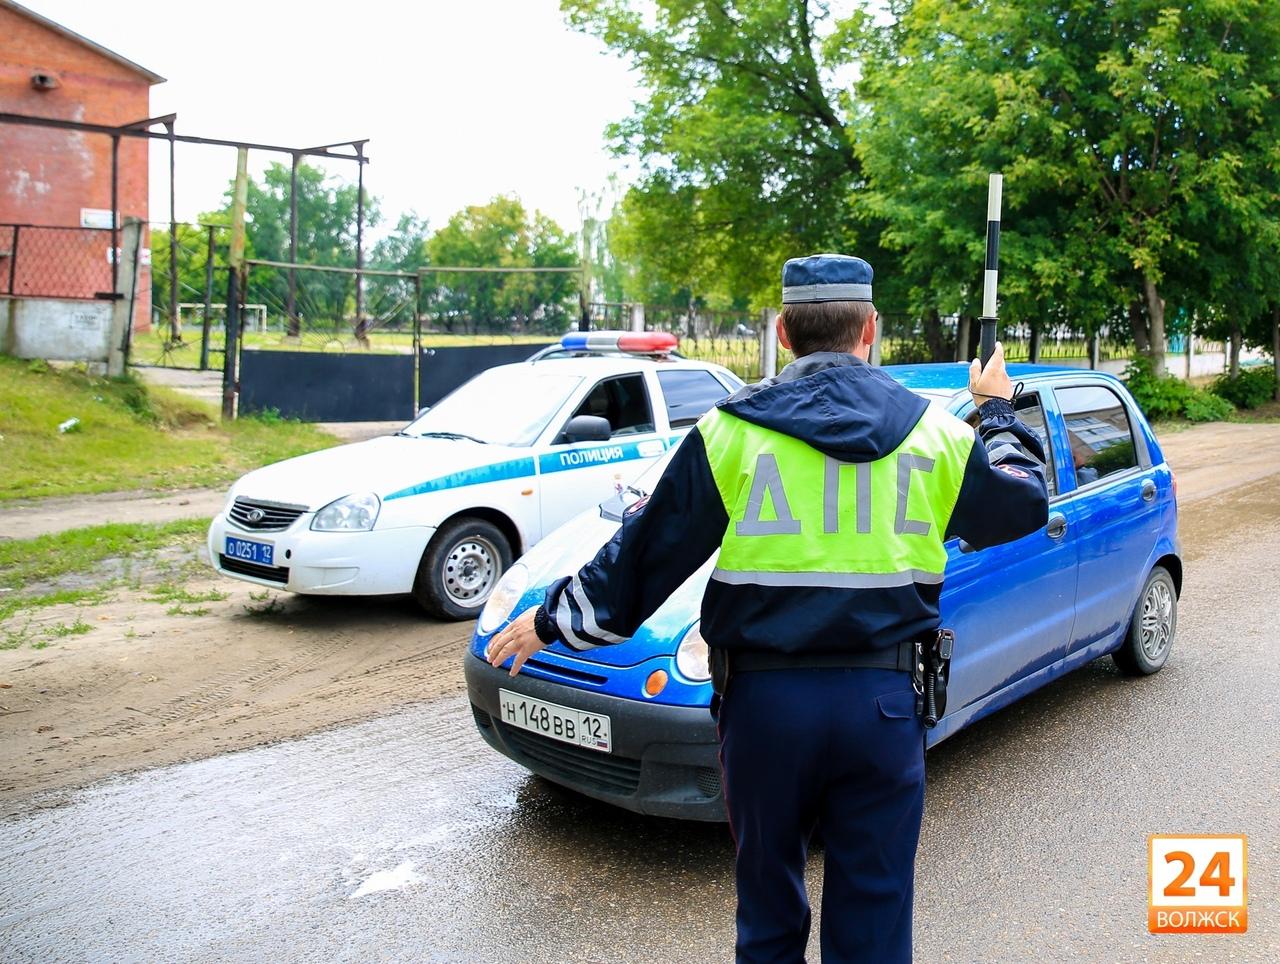 В Волжске два водителя заплатят штрафы за нарушение правил перевозки детей